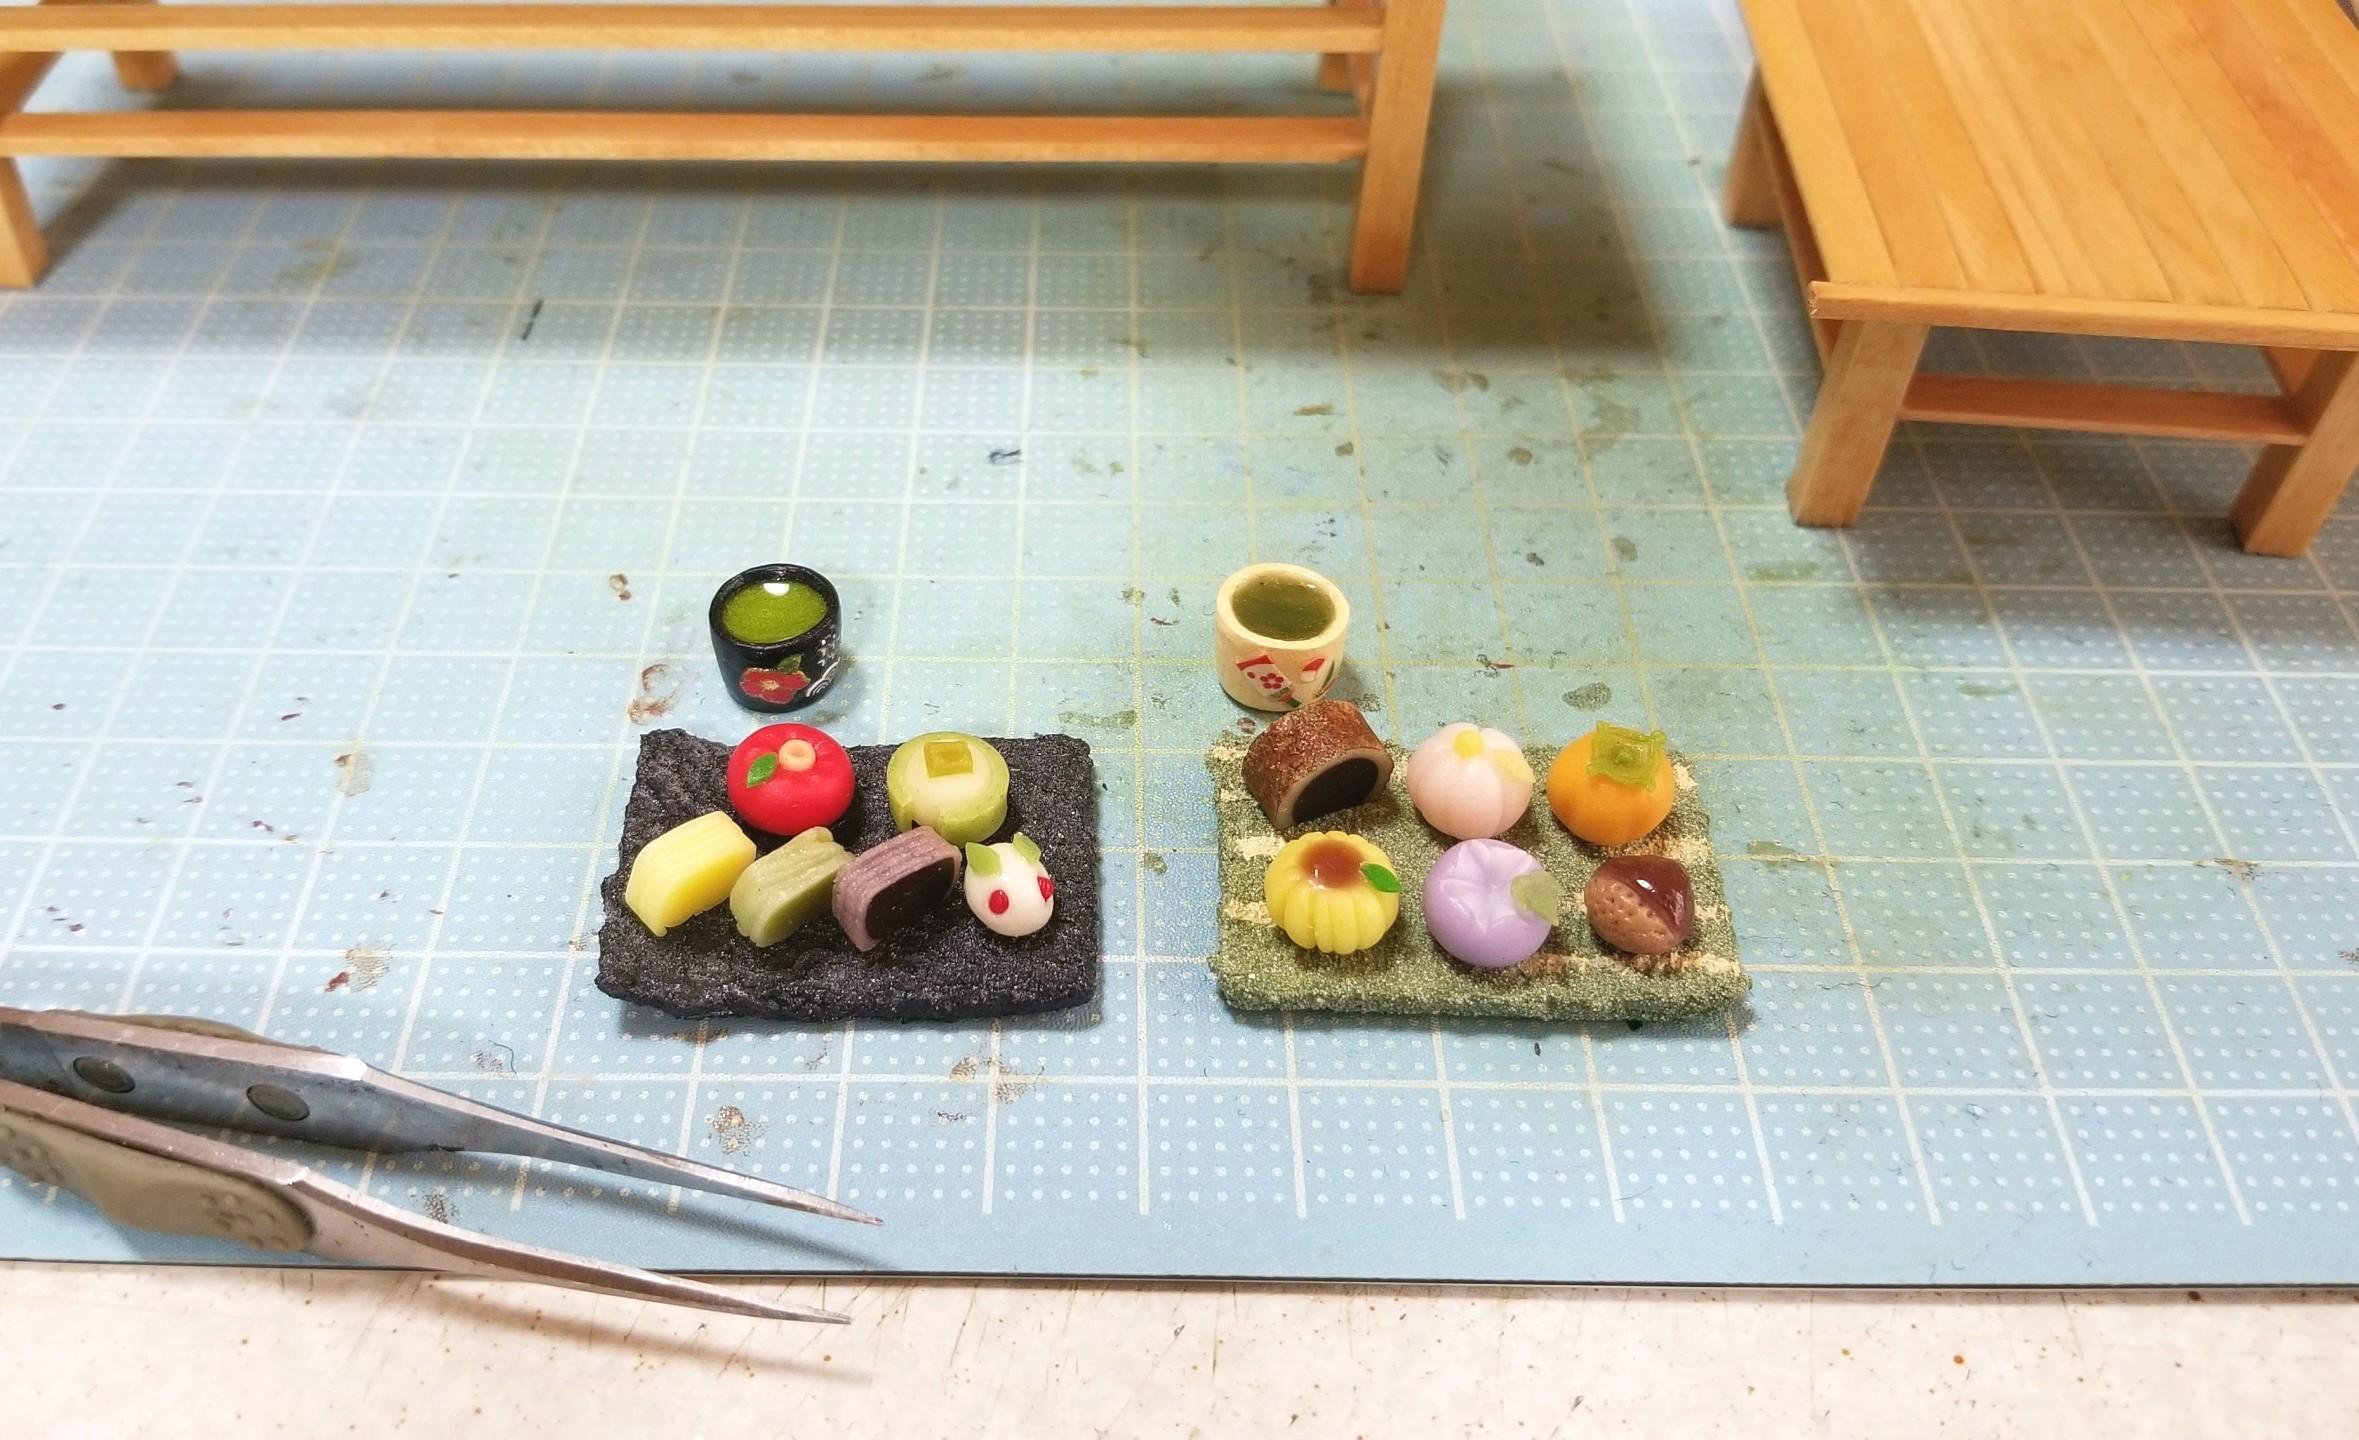 ミニチュア,ドール,お盆,和菓子屋,トレー,作り方,お茶菓子セット